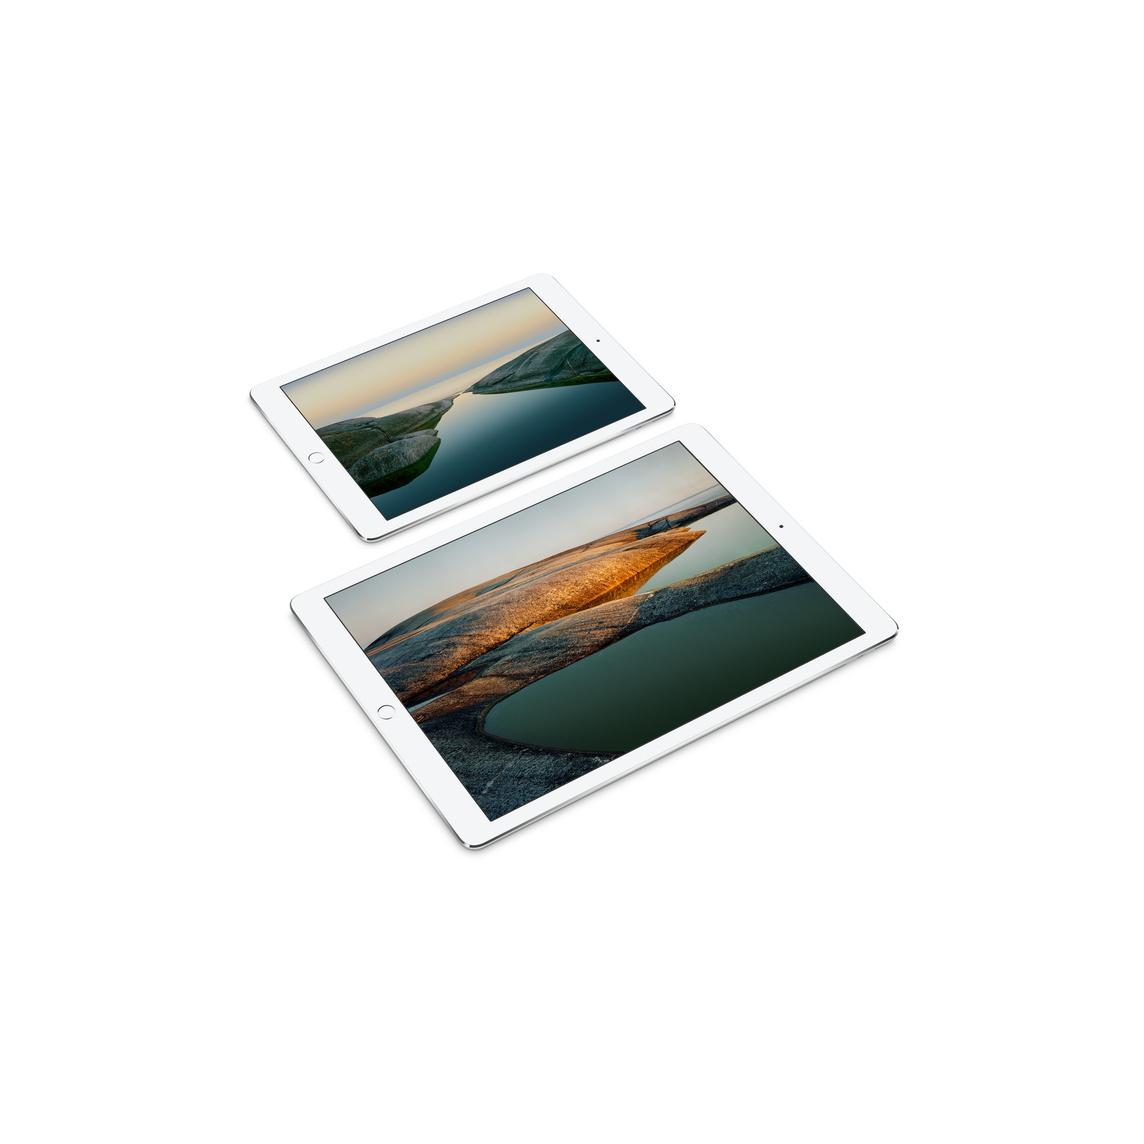 Refurbished 9 7-inch iPad Pro Wi-Fi 32GB - Rose Gold